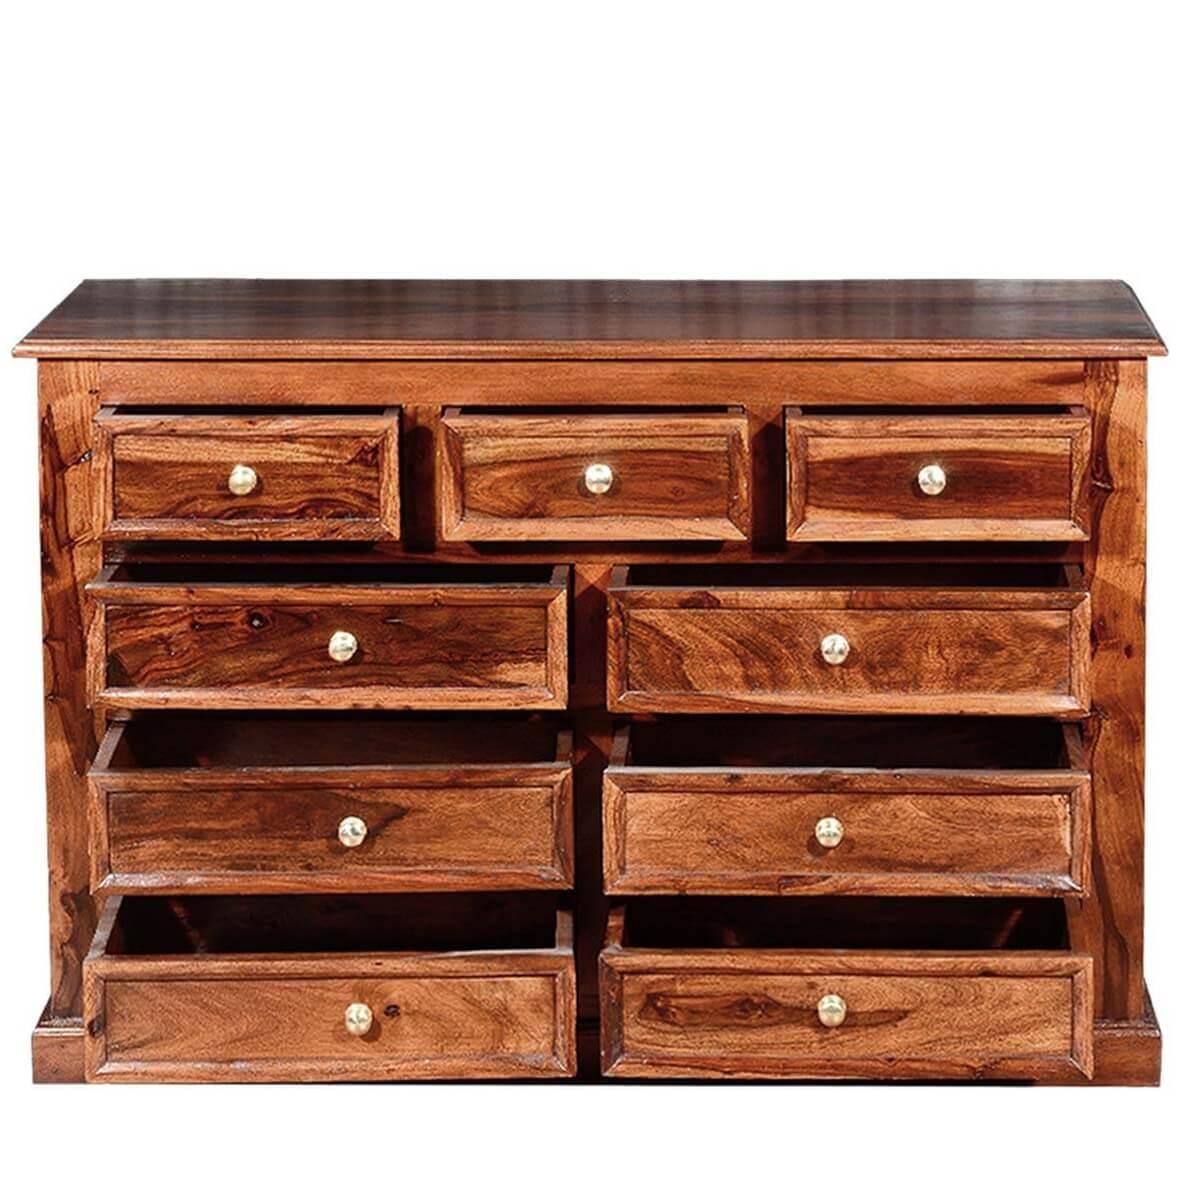 shaker classic solid wood 9 drawer dresser. Black Bedroom Furniture Sets. Home Design Ideas